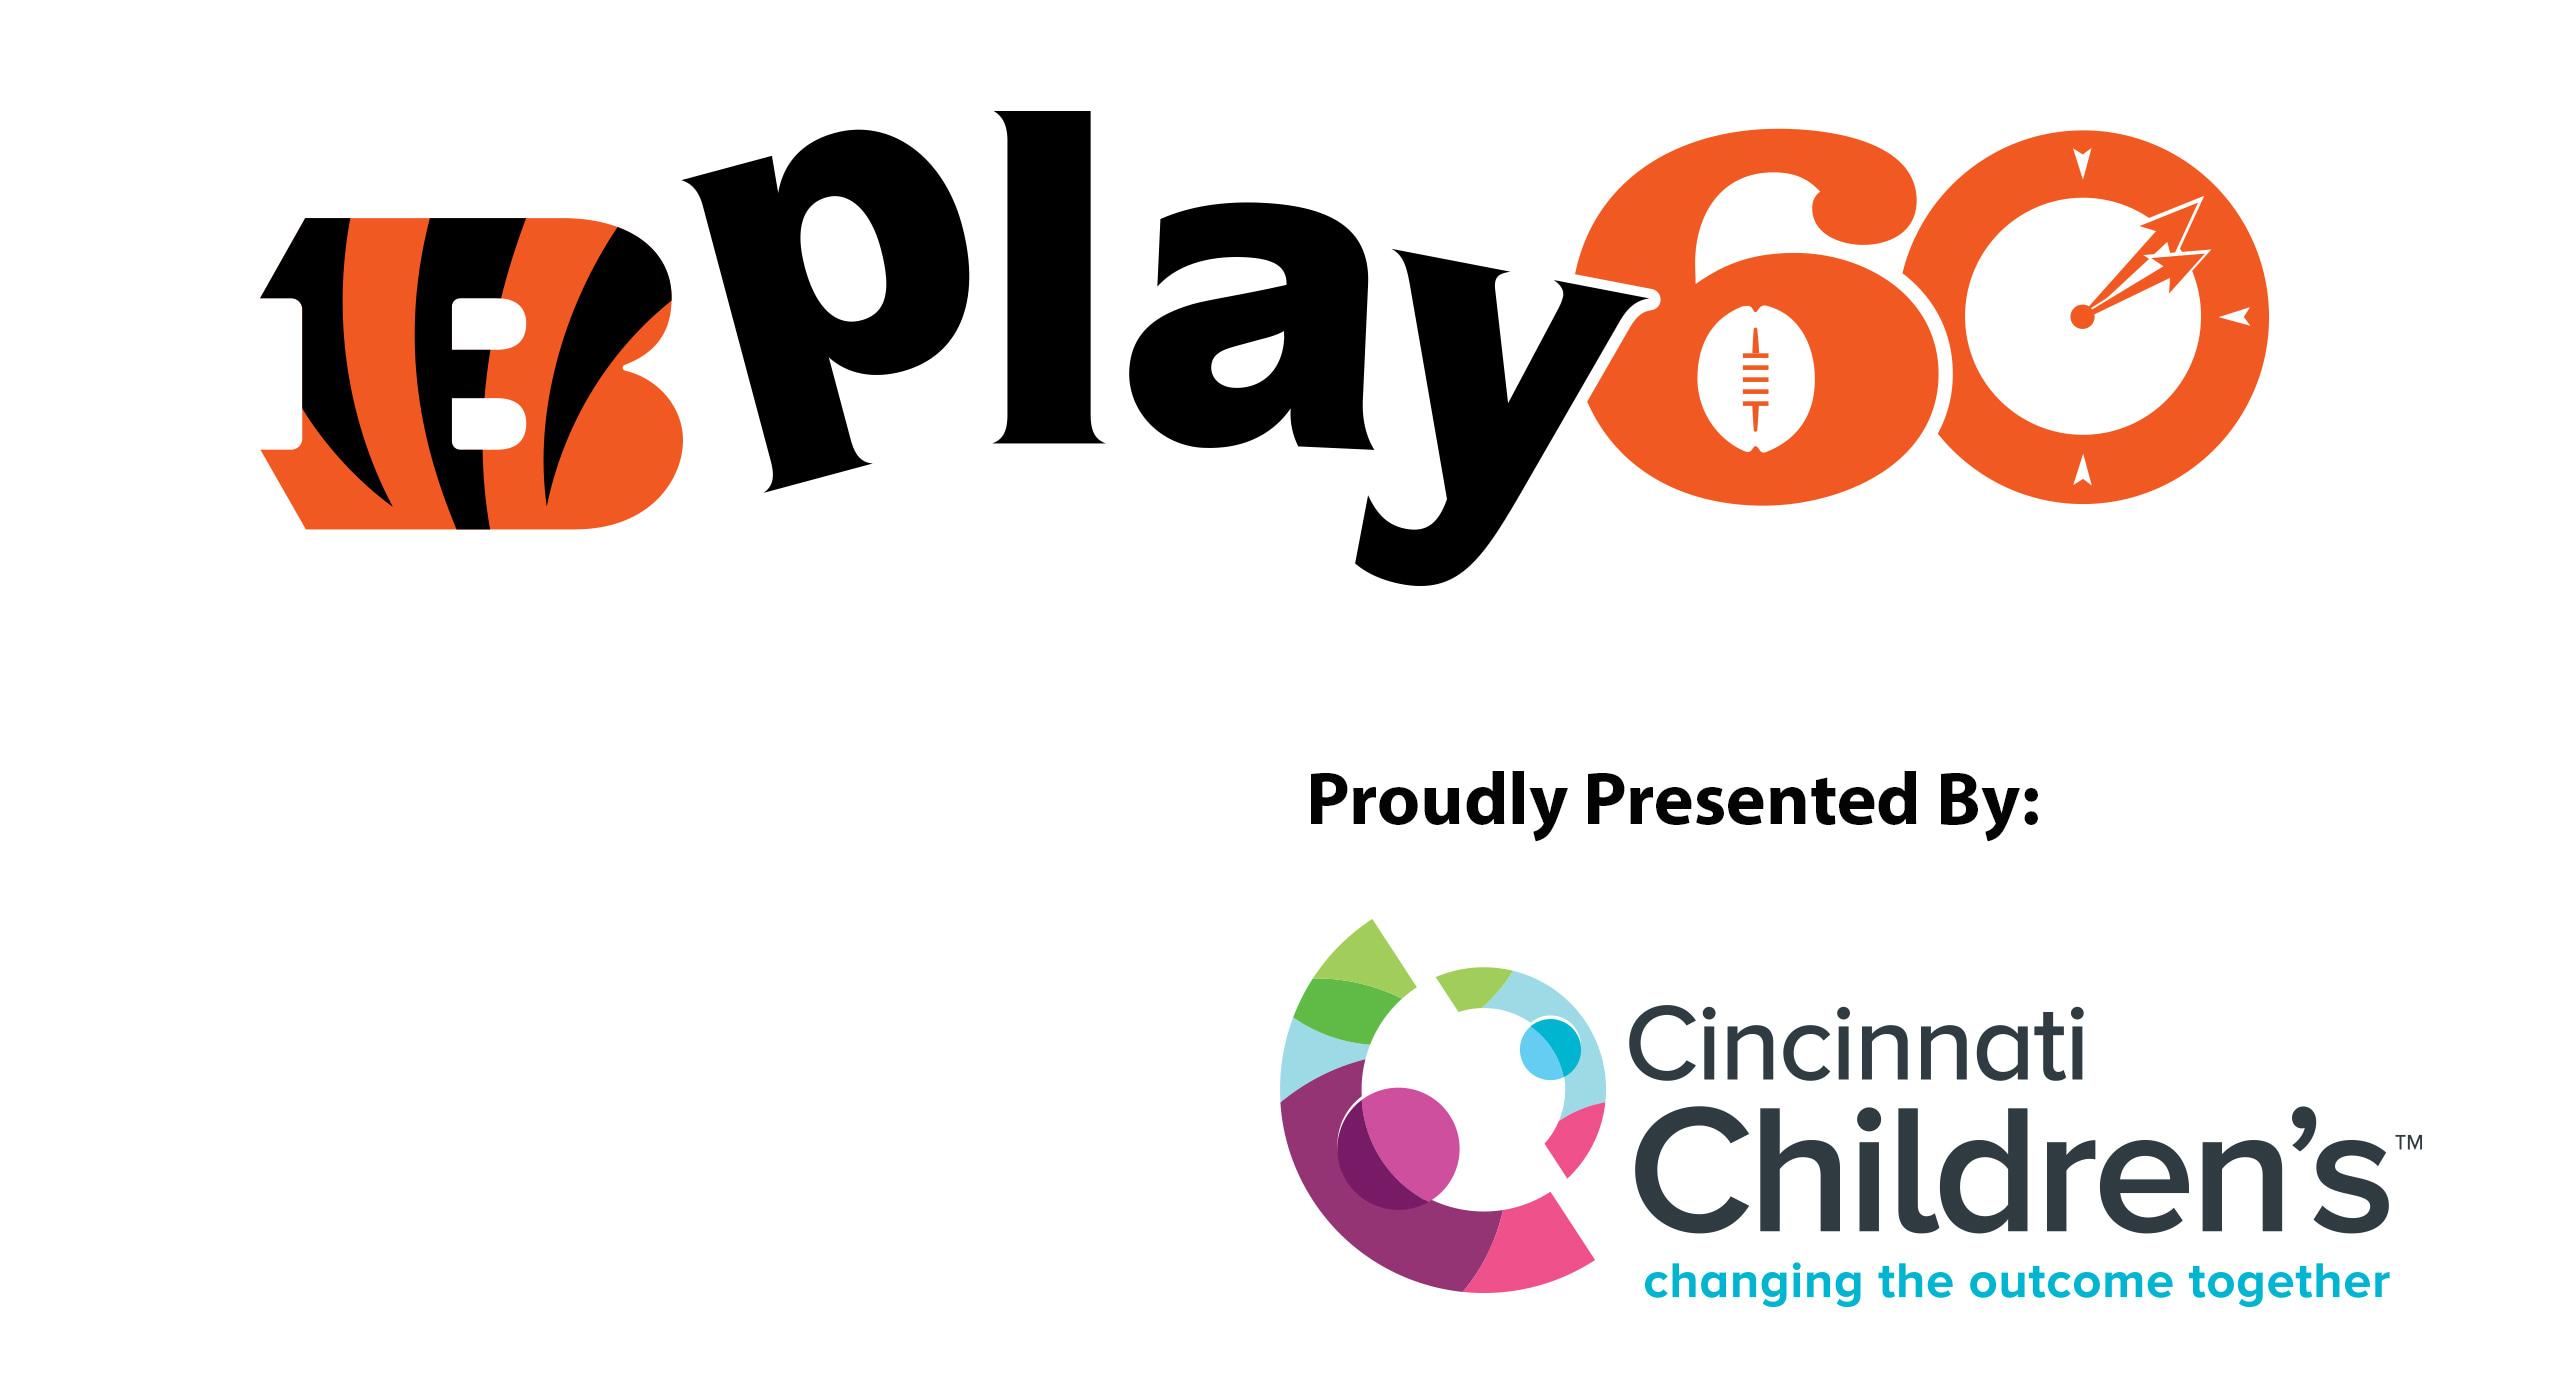 Bengals Play 60